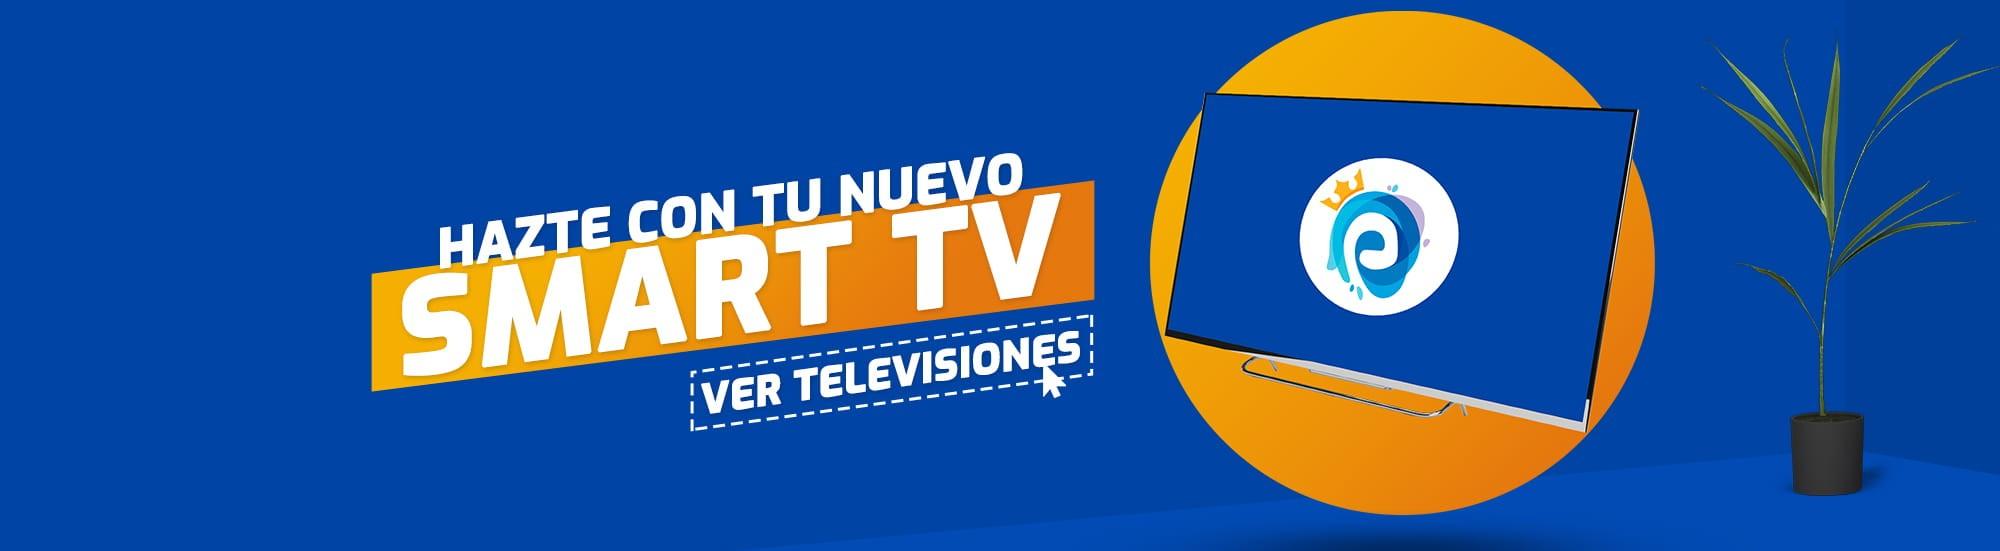 Compra tu Nuevo Televisor con Smart TV